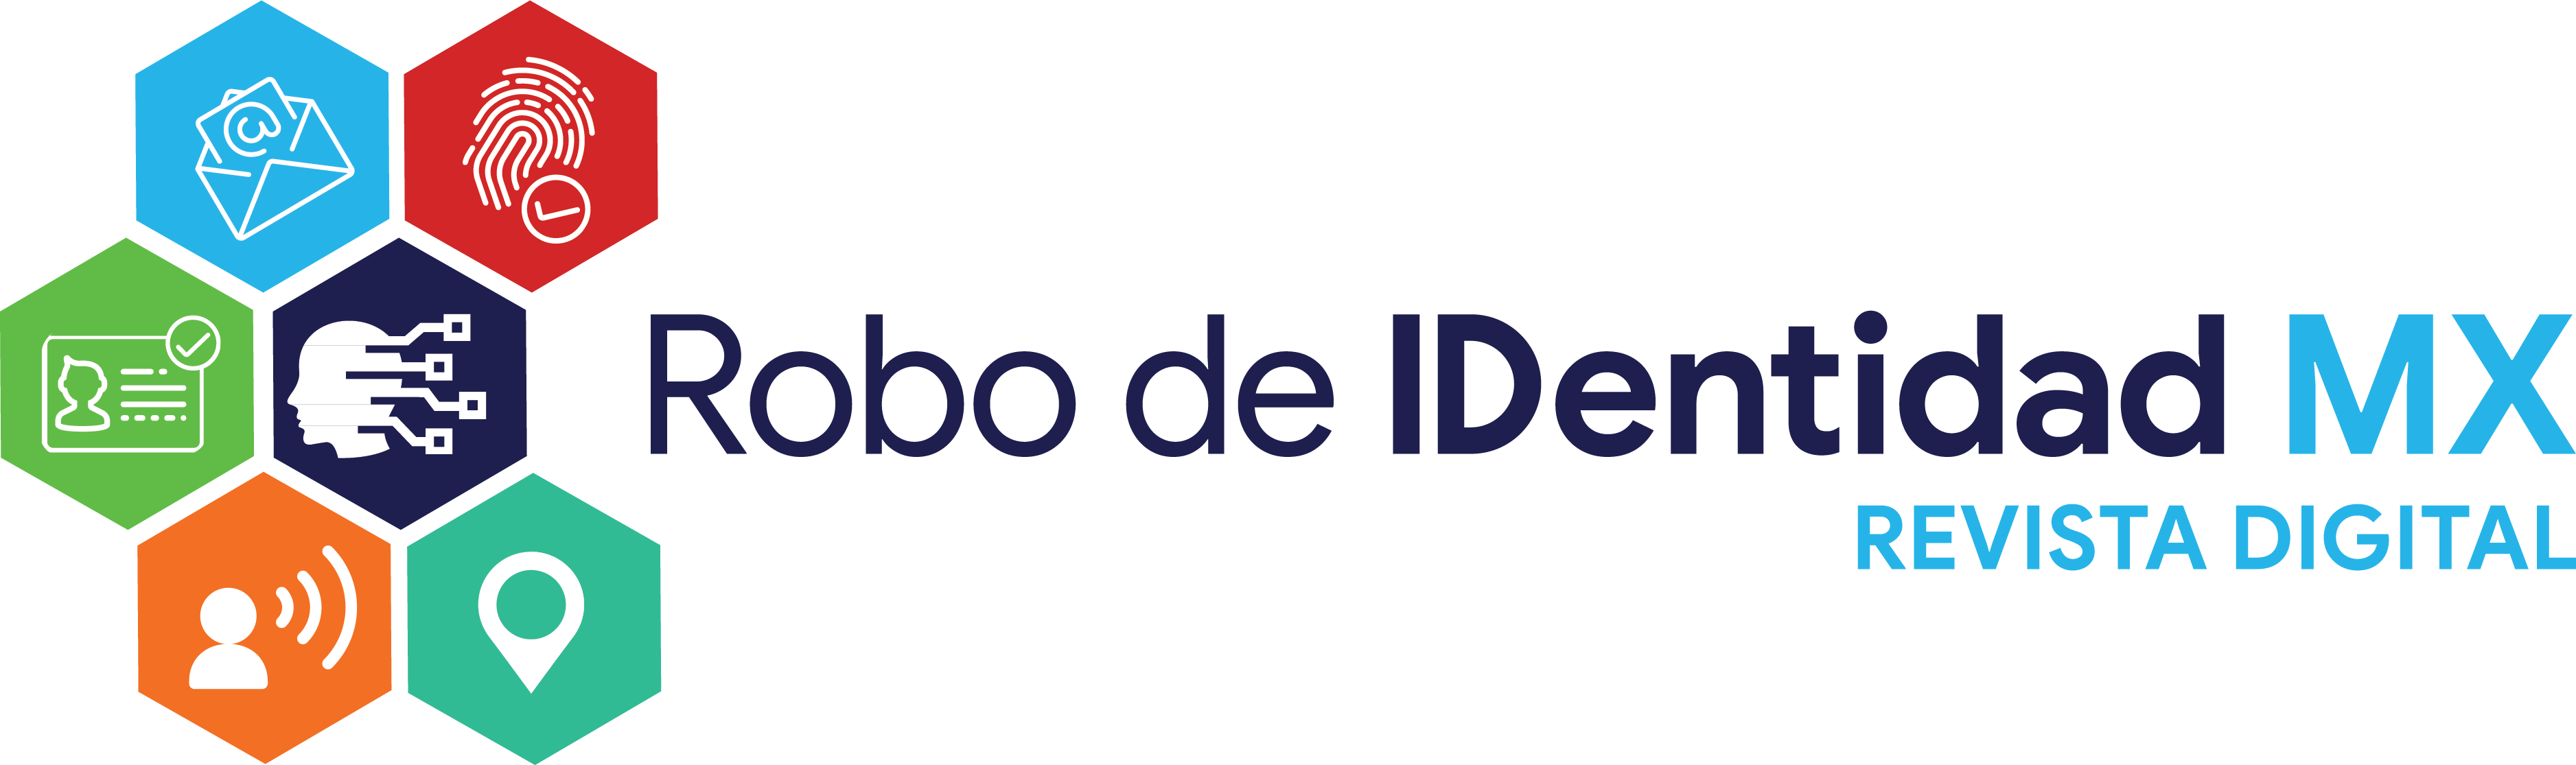 robo_de_identidad_MX